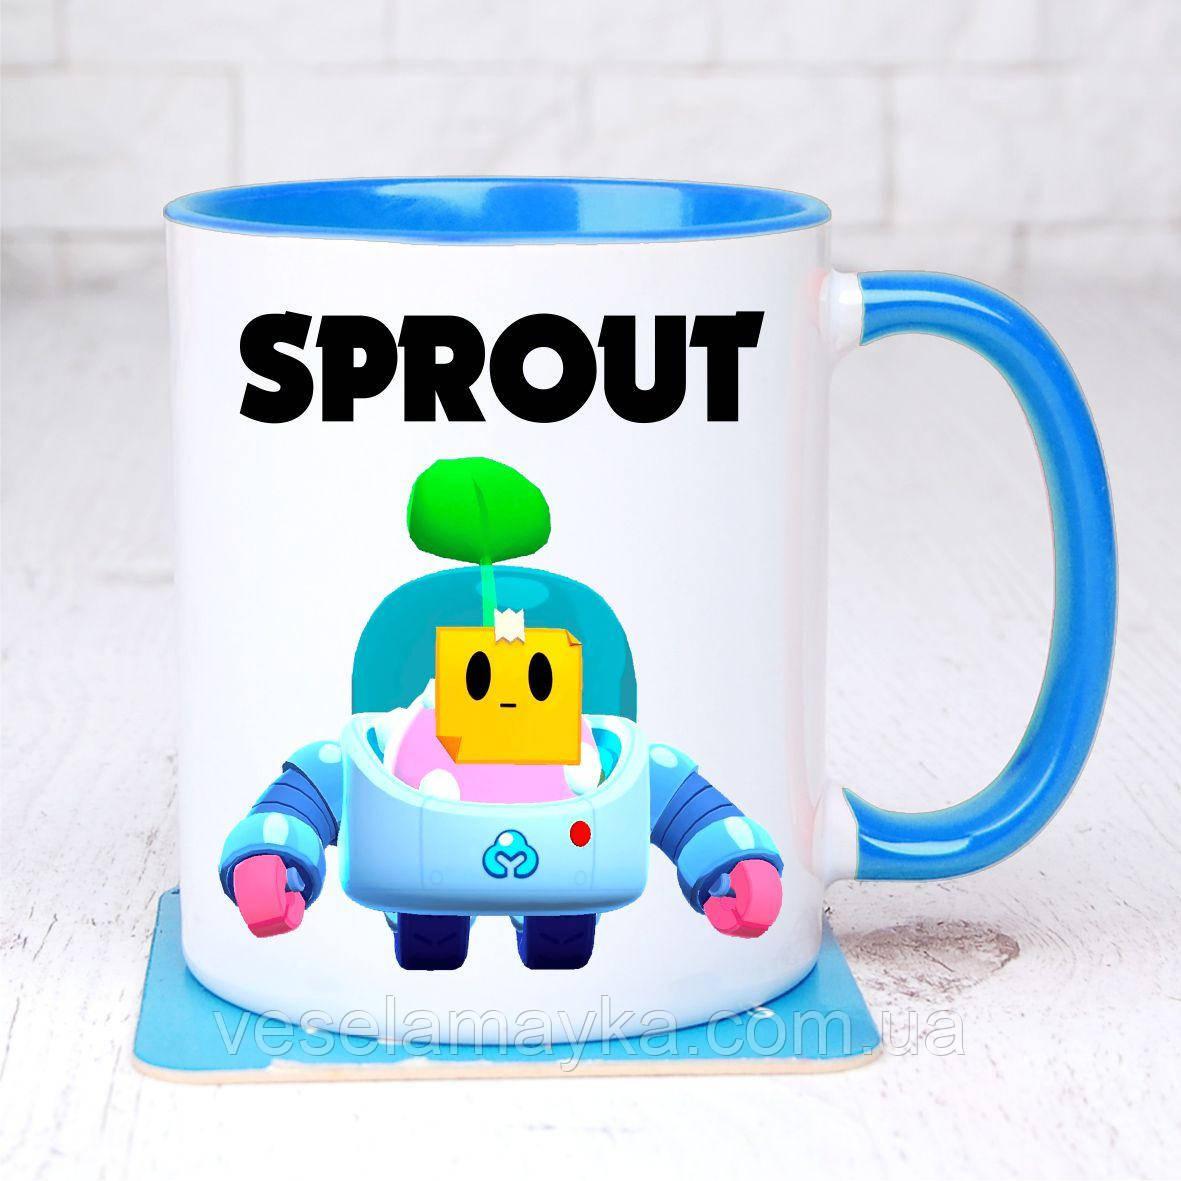 Чашка BS Спраут 2 (Sprout)